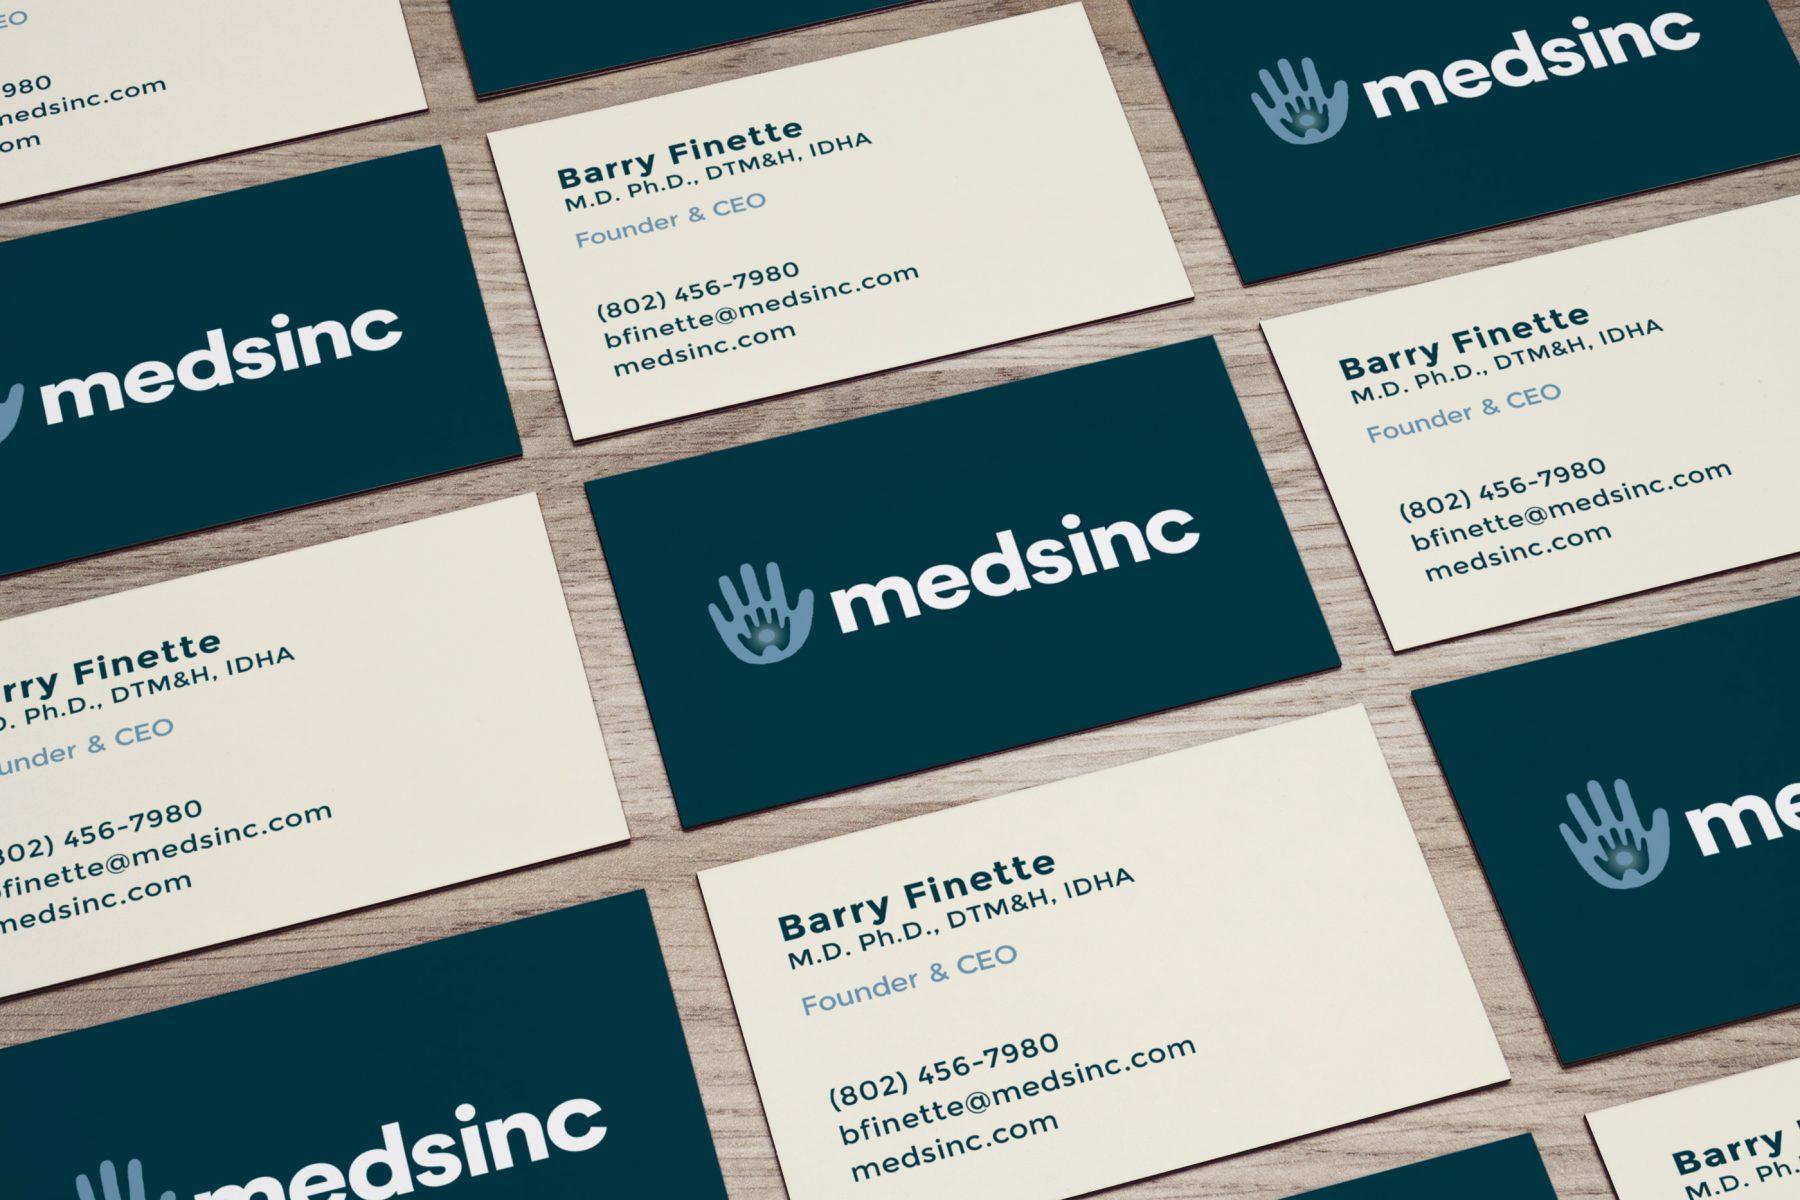 MedSinc Identity